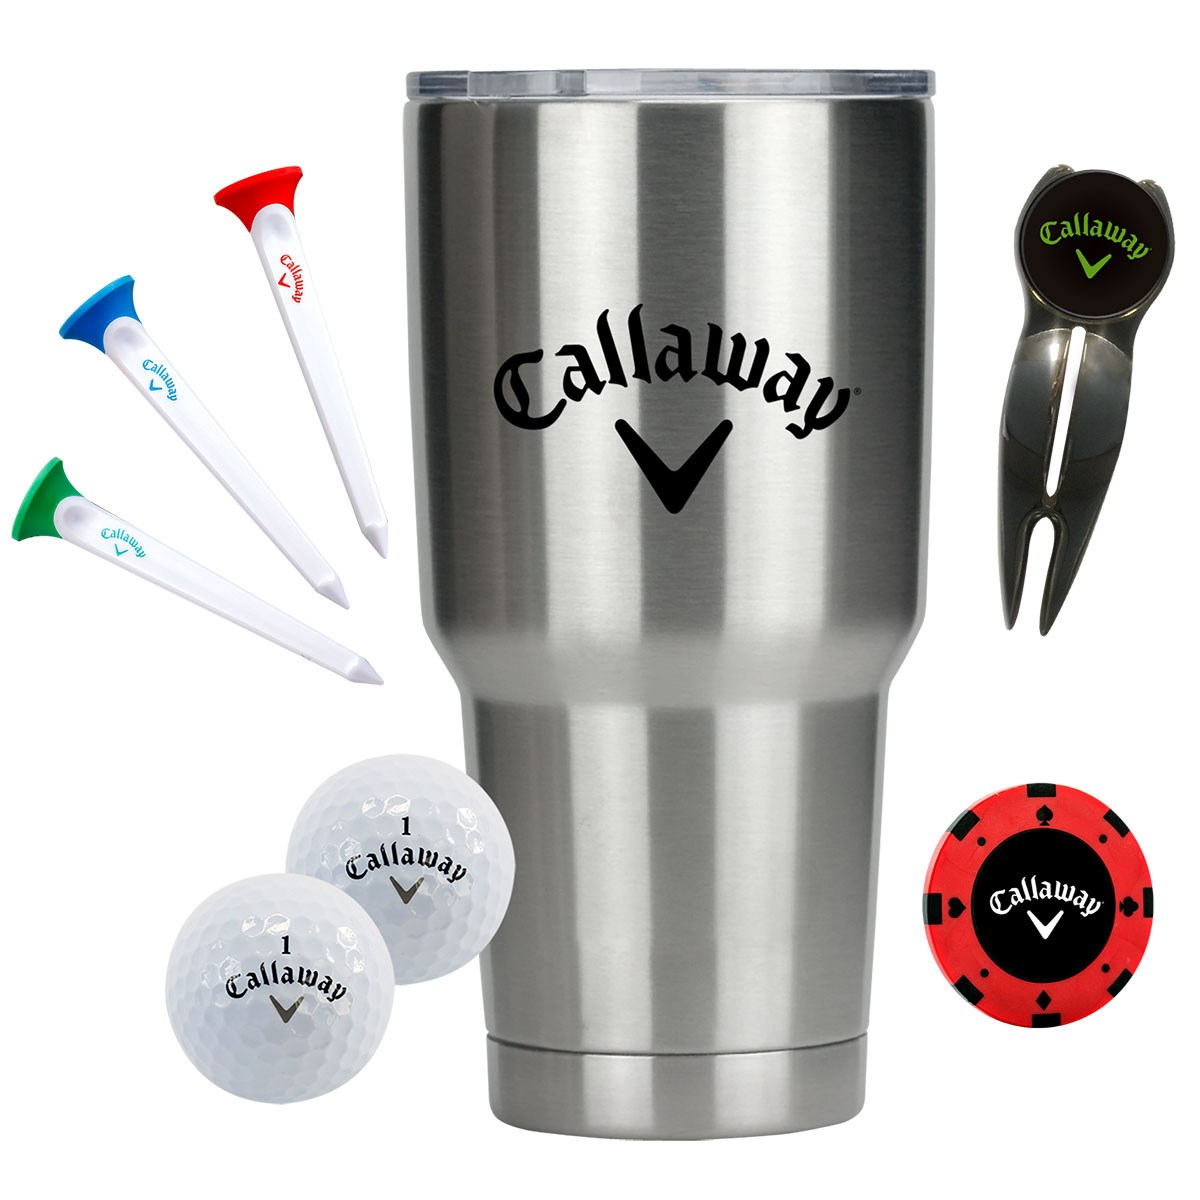 キャロウェイゴルフ(Callaway Golf) スチールタンブラーセット